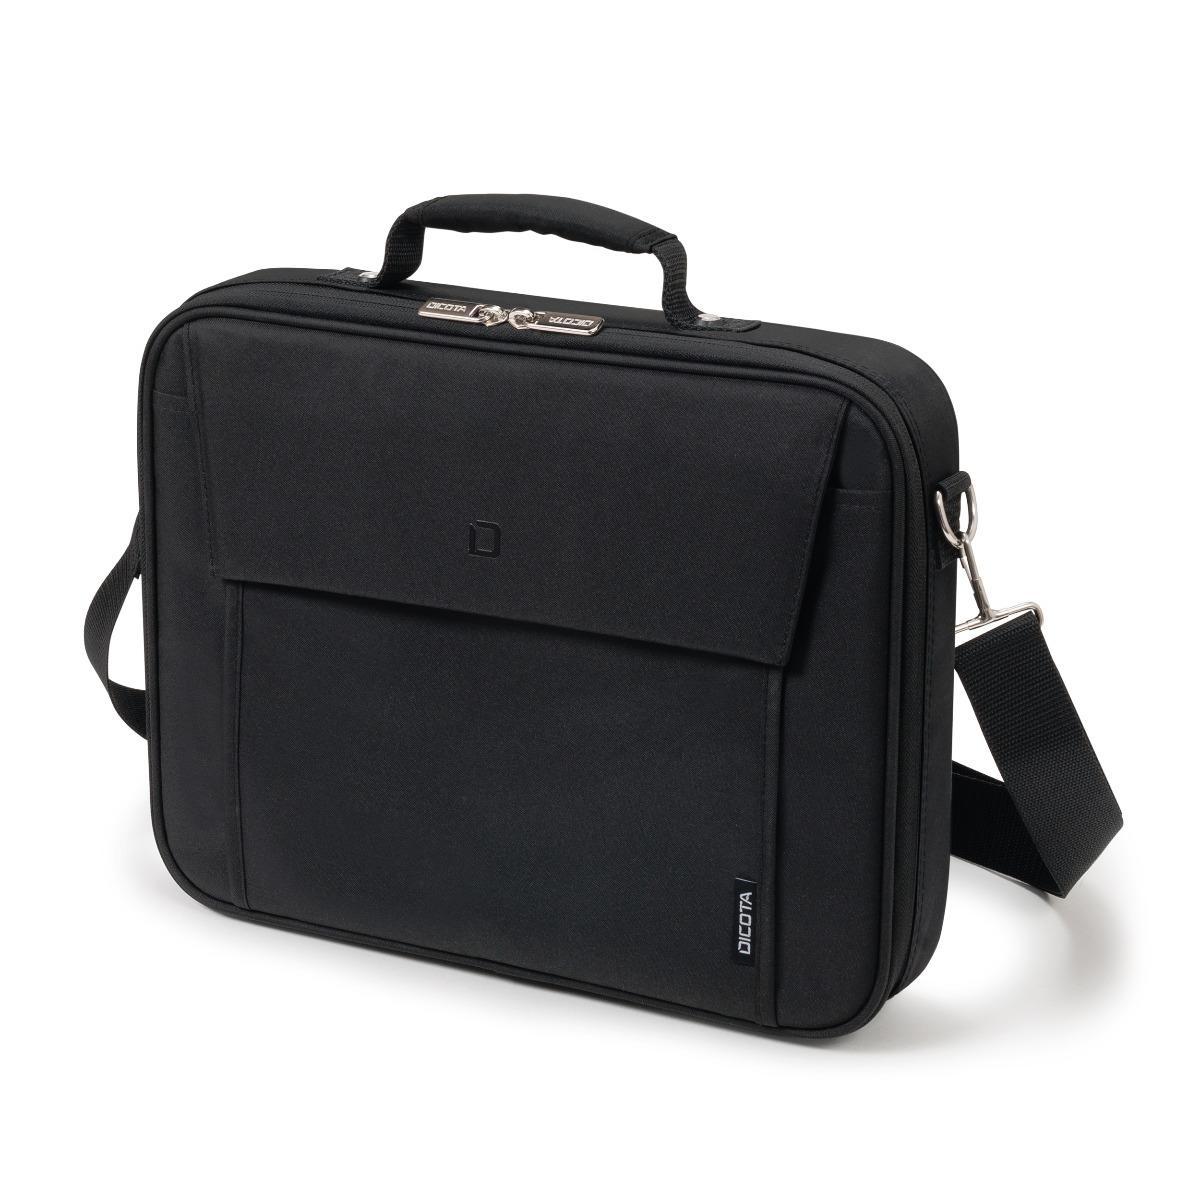 """Dicota Notebook-Tasche """"Multi Base"""" (Bis 17.3"""", Mit Reißverschluss, Gepolstertes Notebookfach, Vordertasche mit Stauraum) [Office-Partner]"""